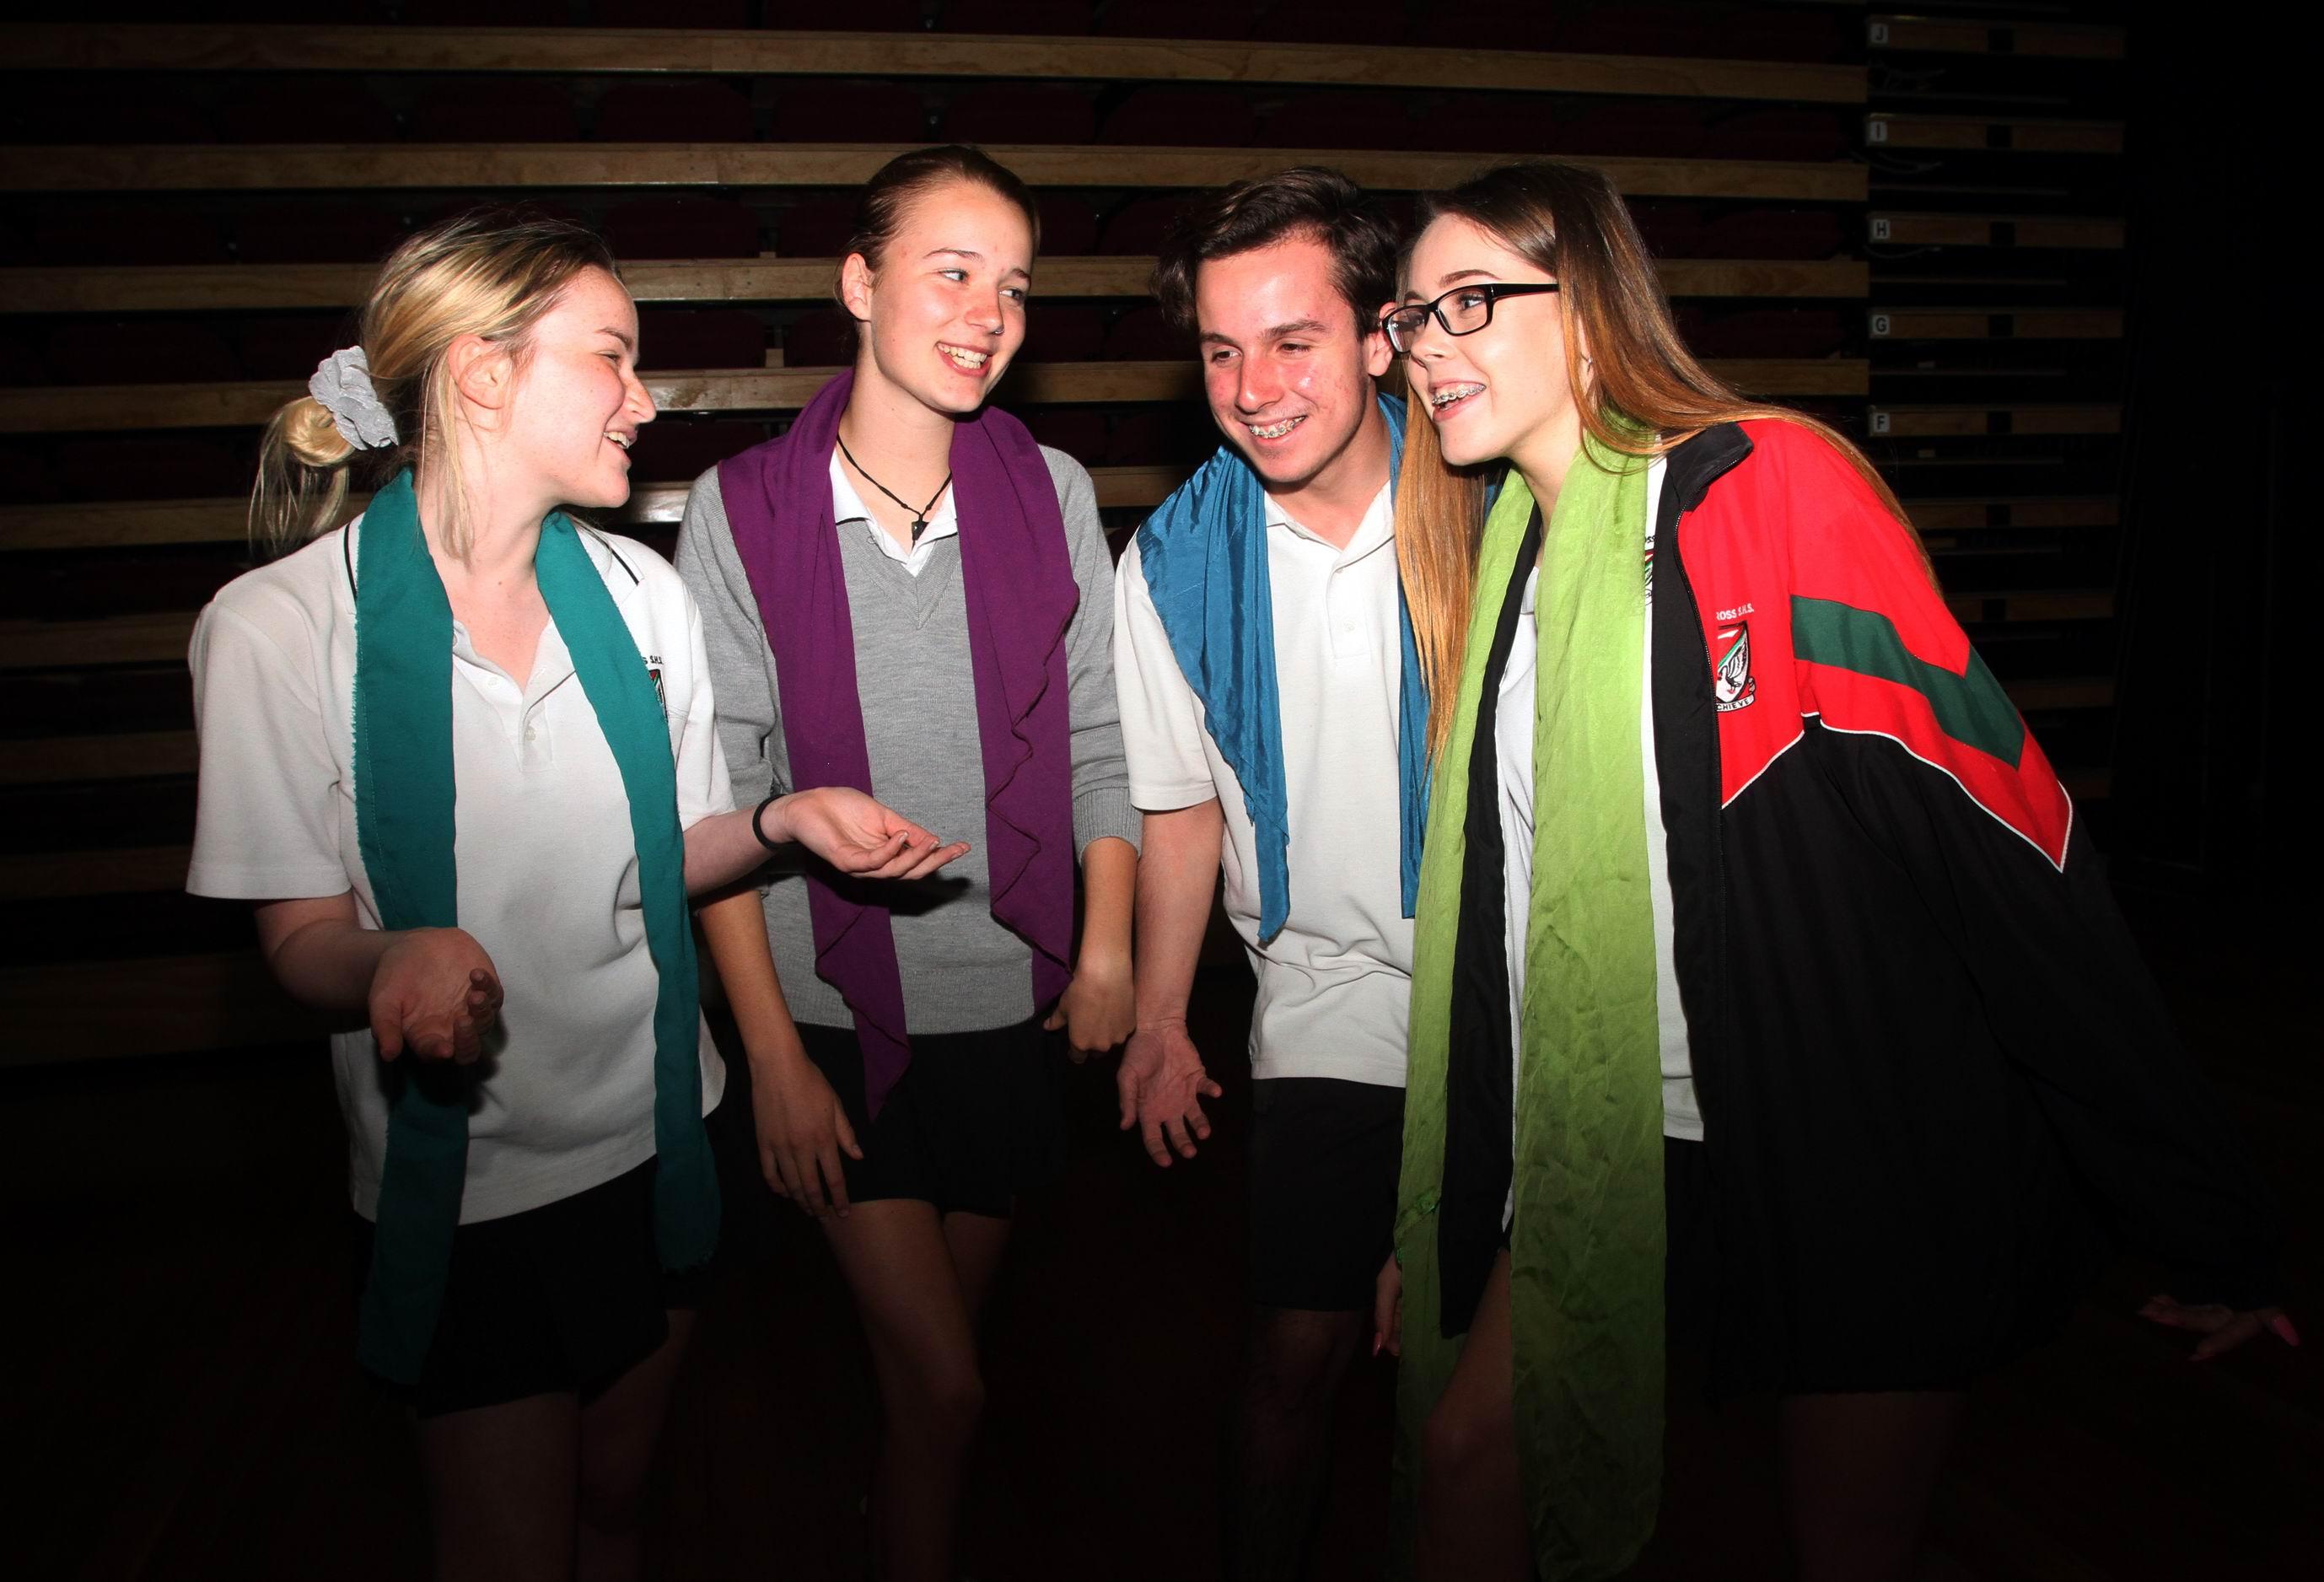 Samantha Burt, Ella O'Leany, Daniel de Lima and Lizzy Stenning from year 10 drama.